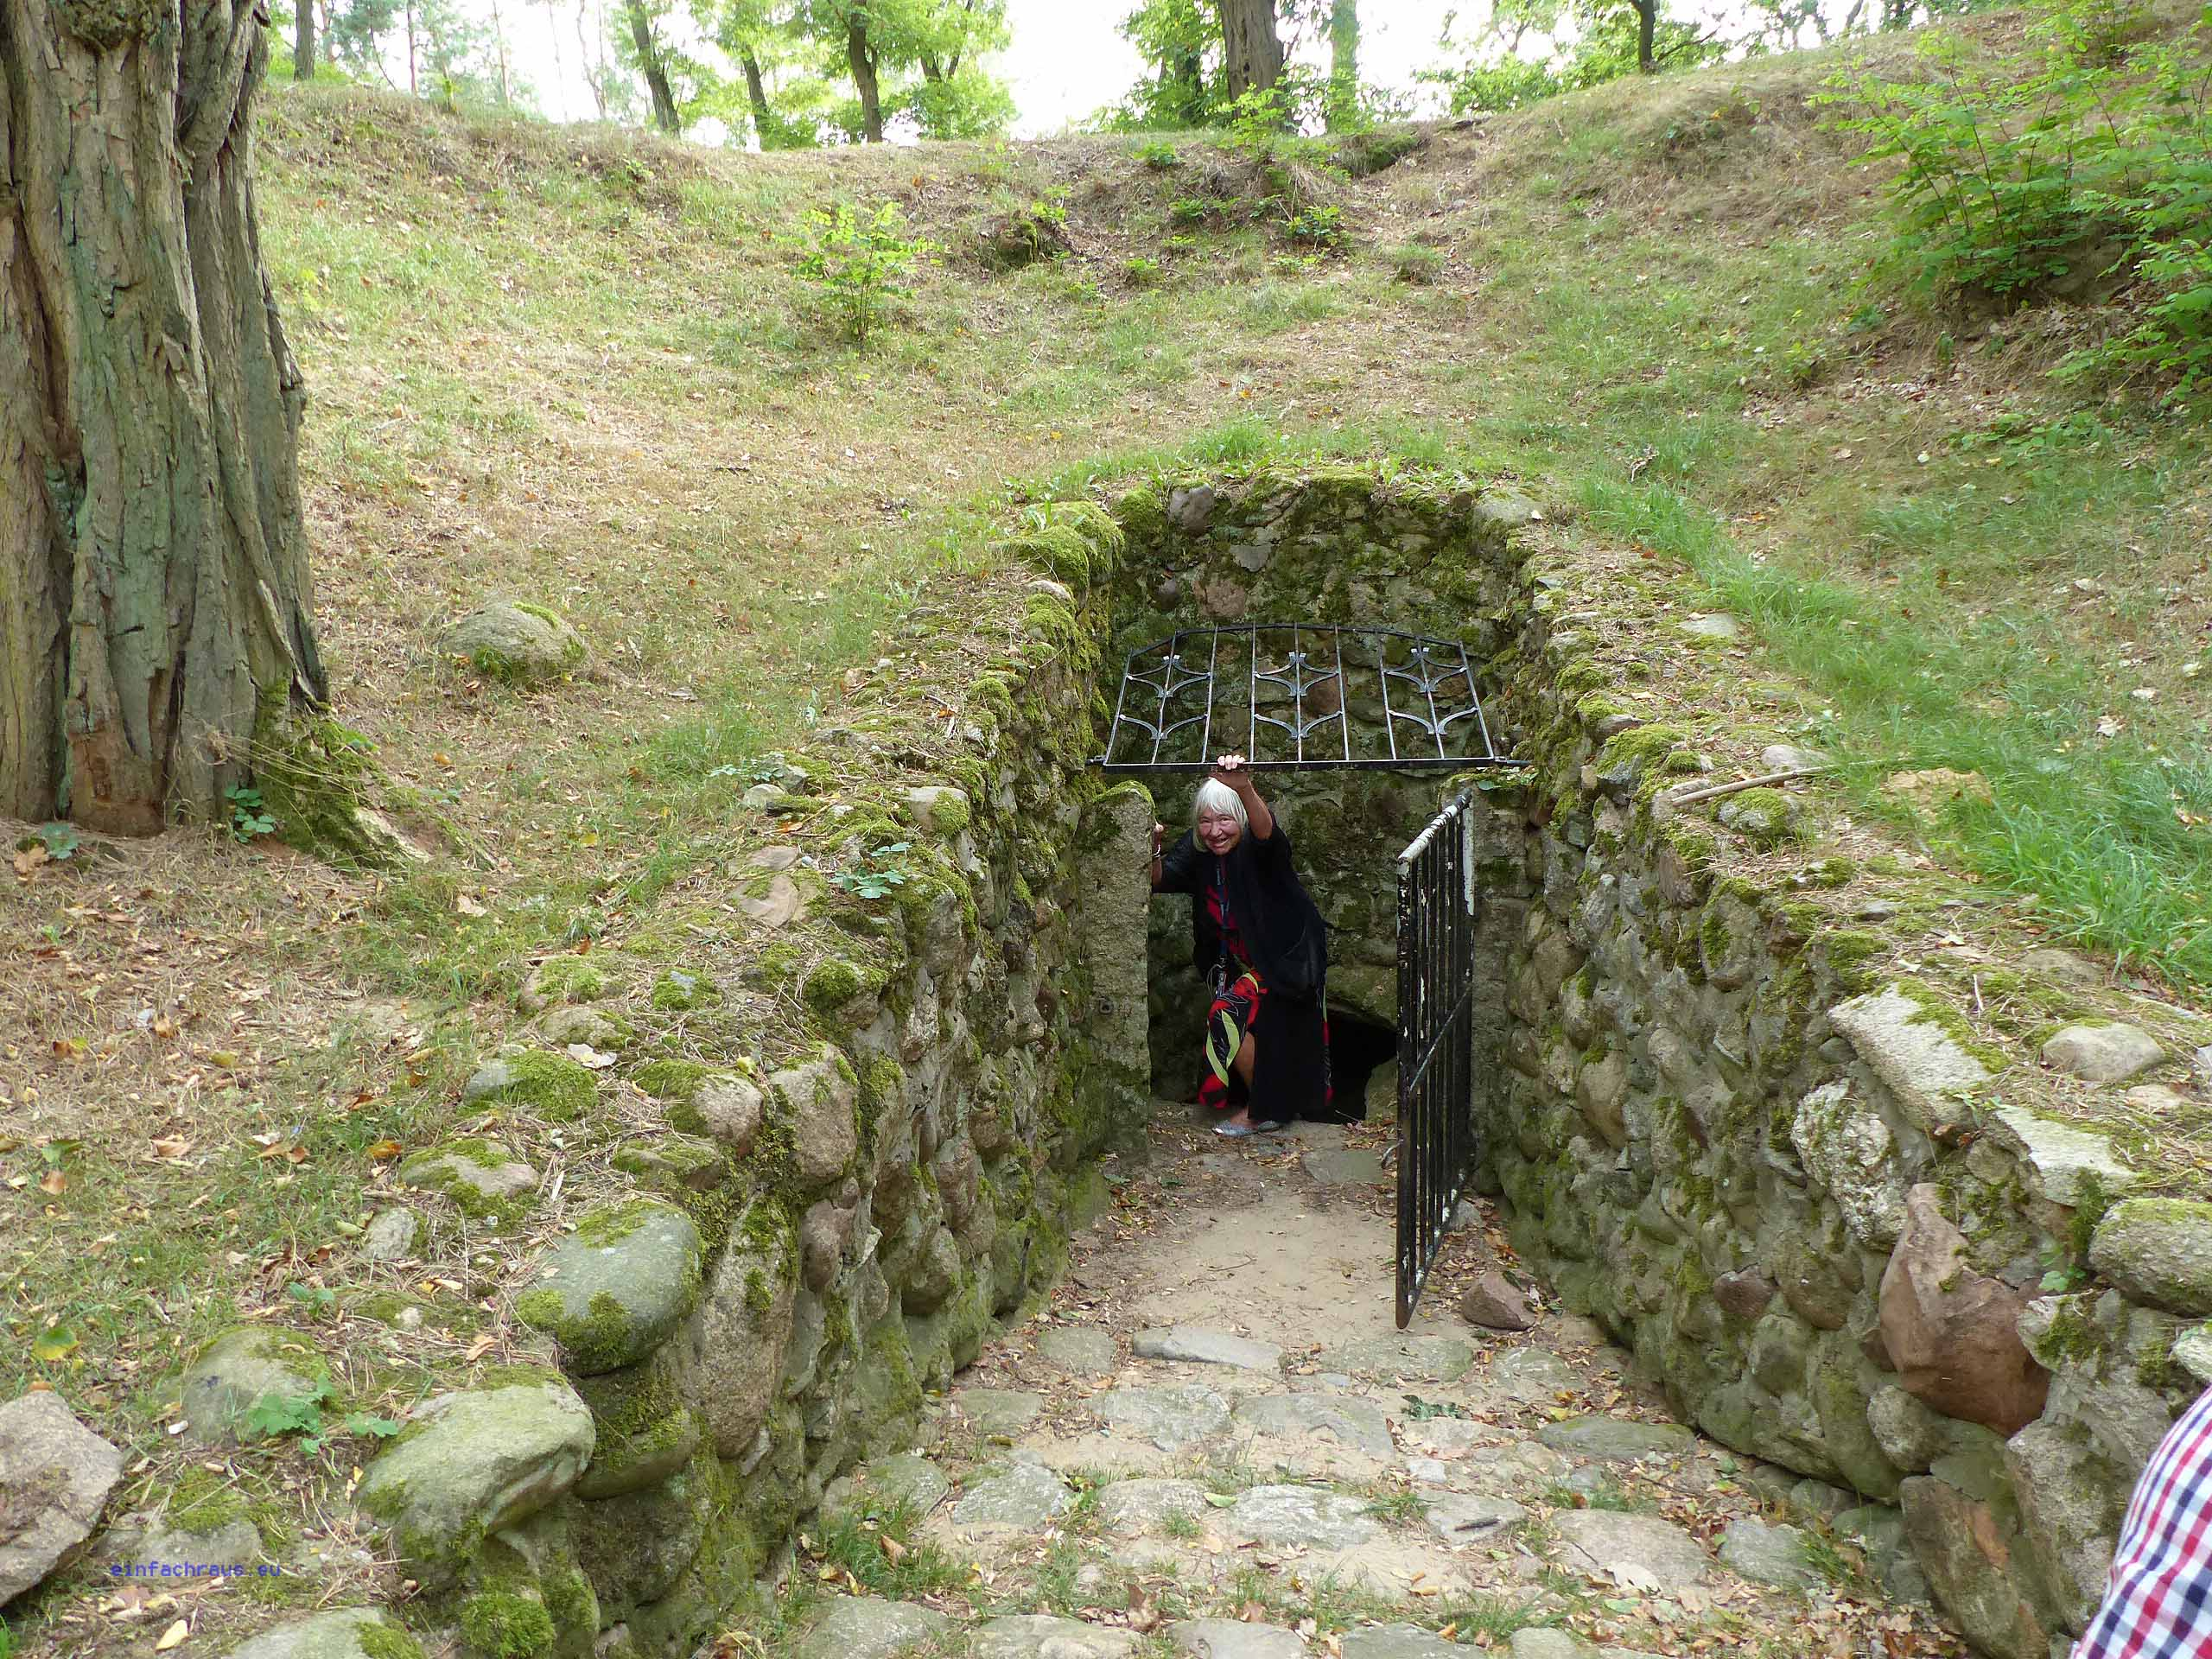 Eingang zum Königsgrab von Seddin in der Prignitz.